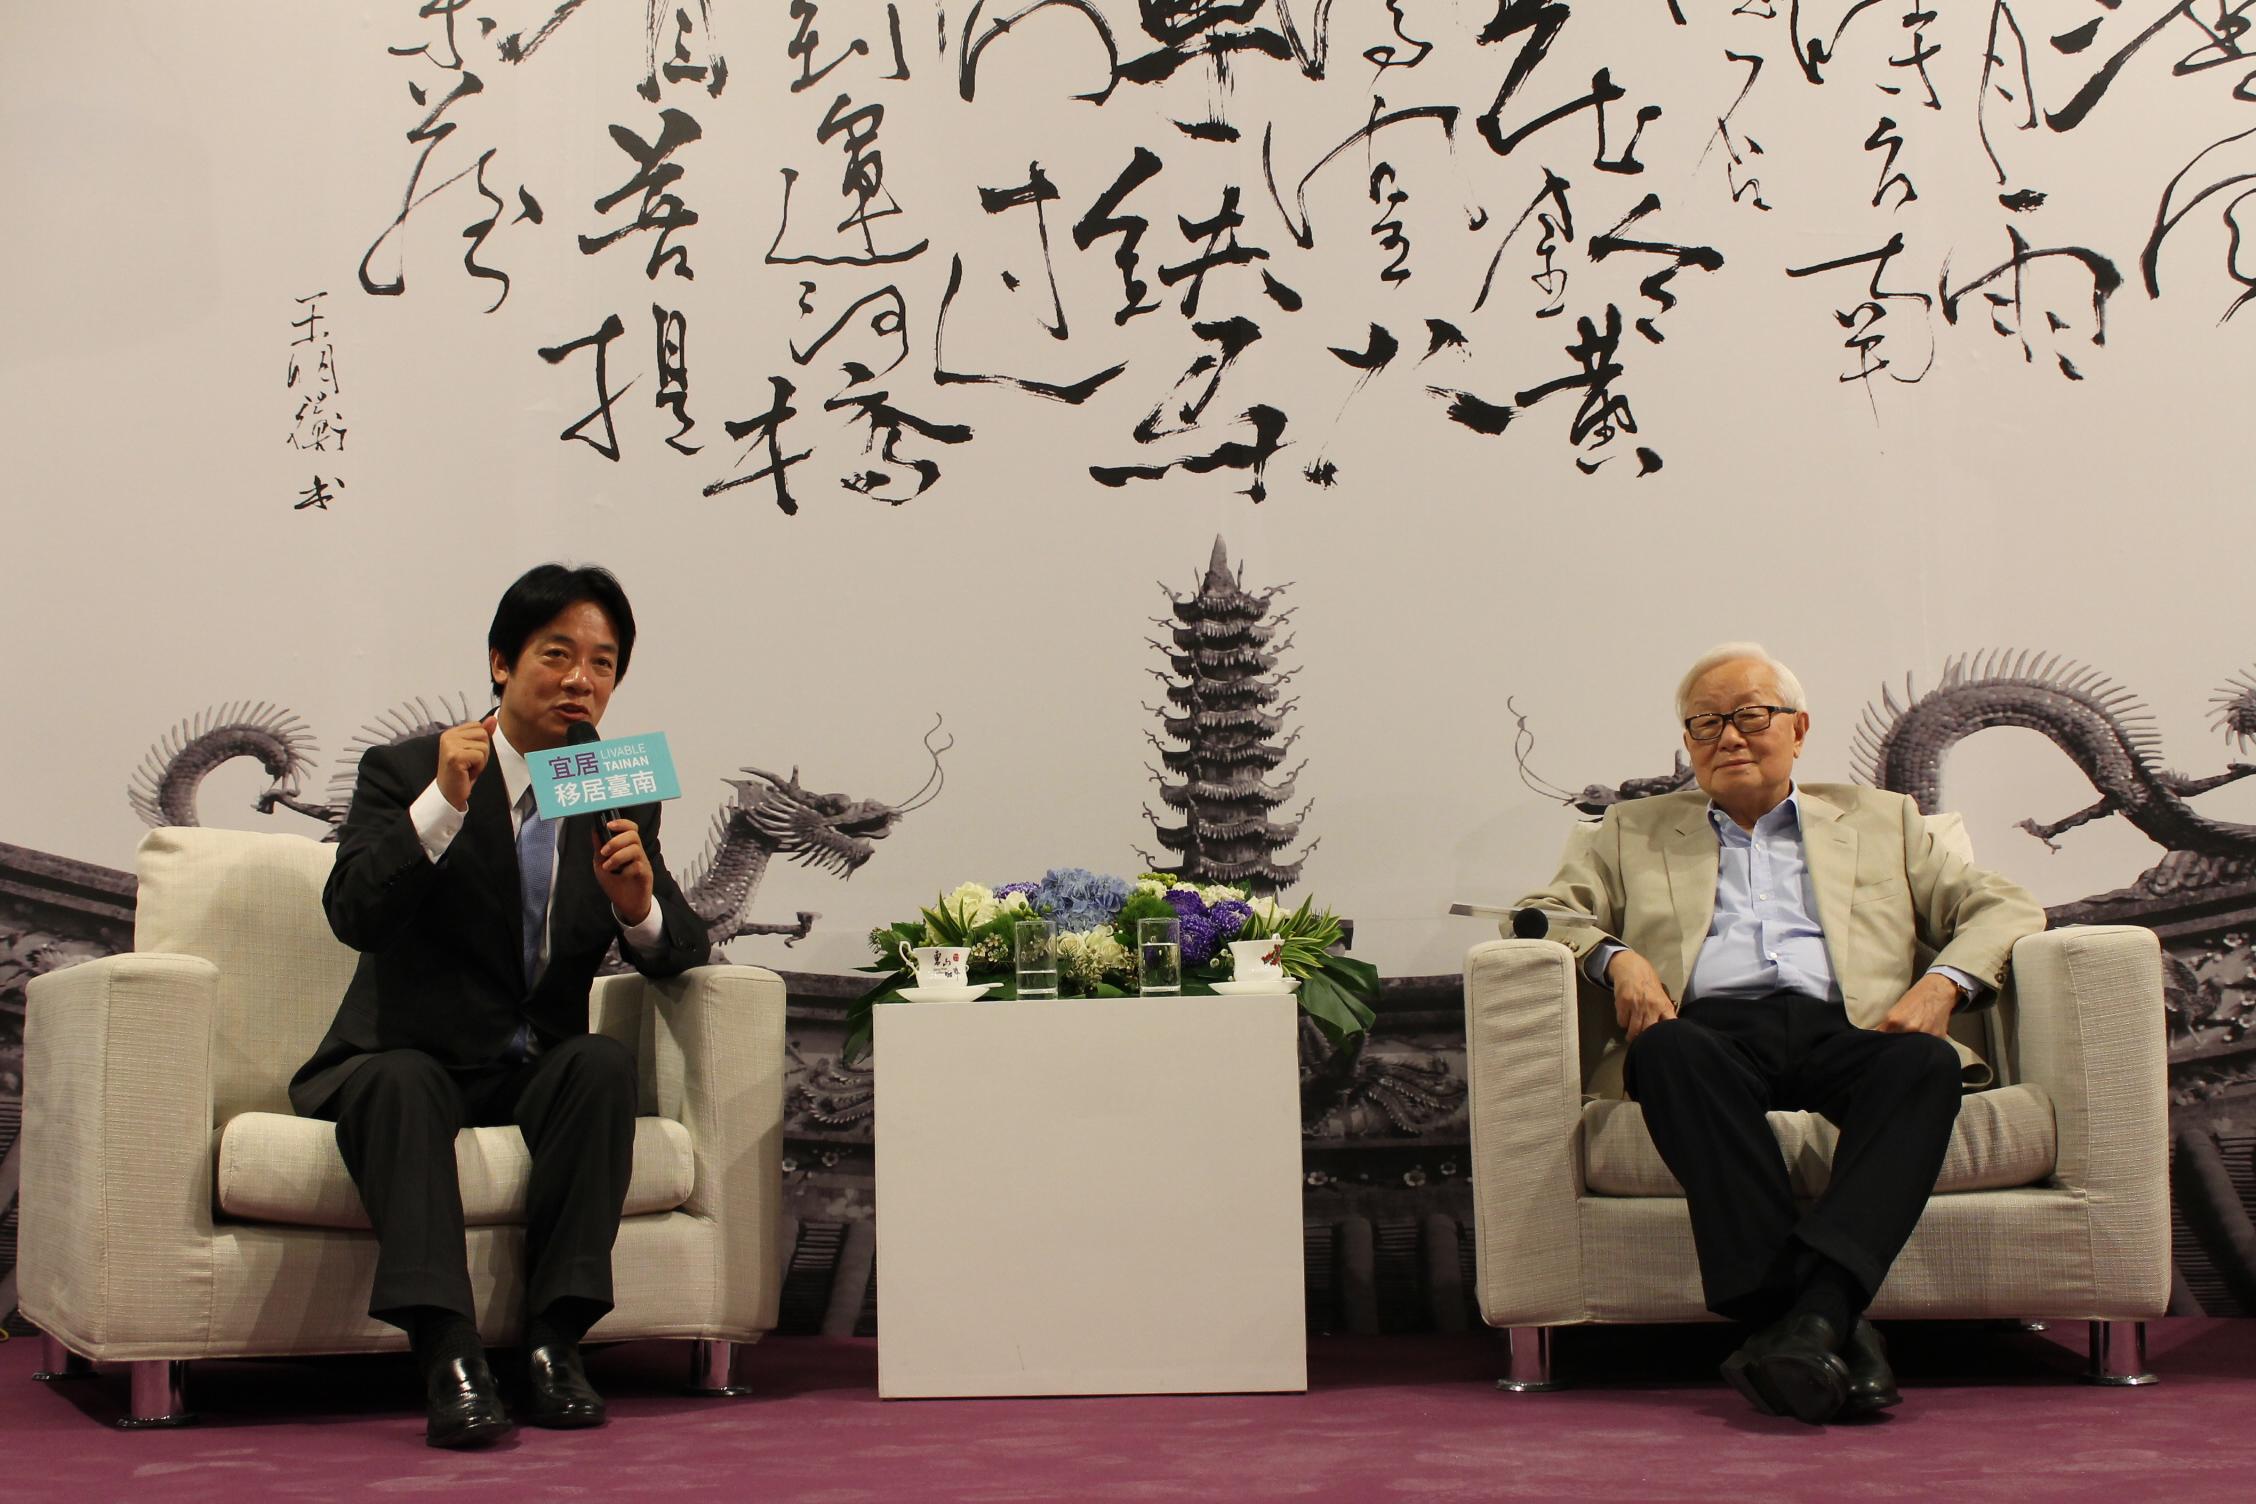 「宜居‧移居臺南博覽會」開幕式結合科技人與文化人,創造新都市宣傳典範  0